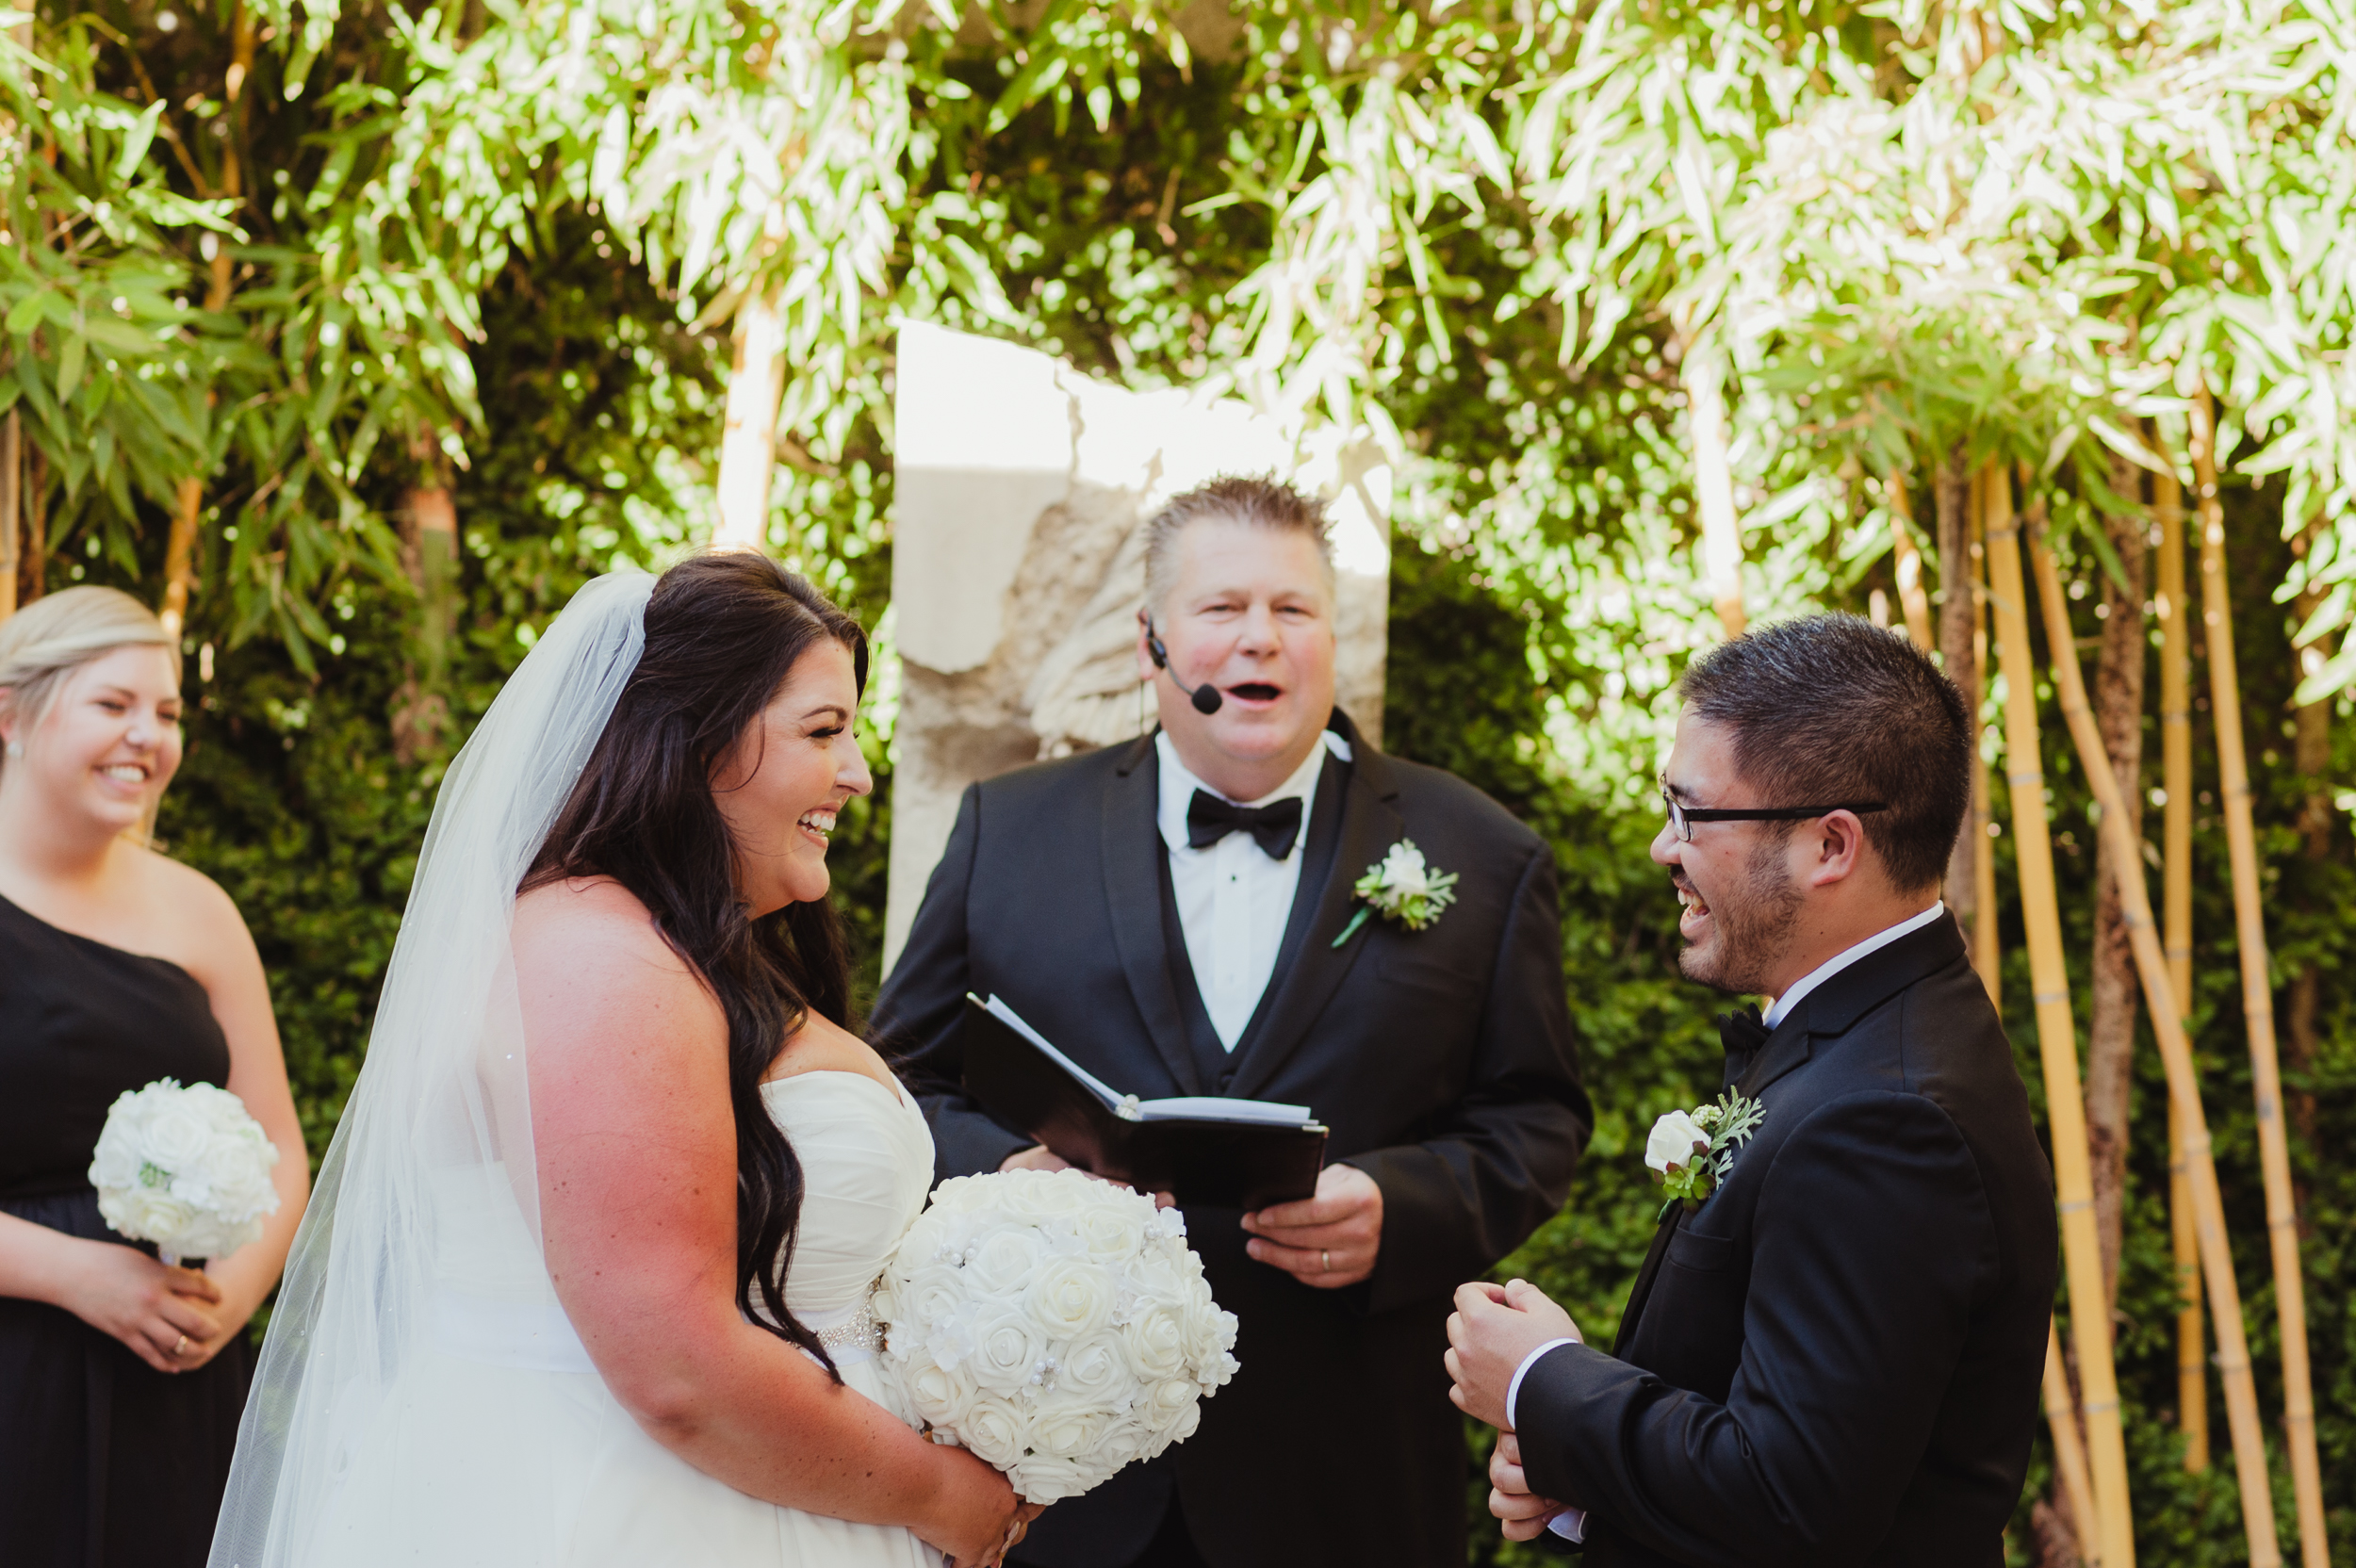 21-bardessono-yountville-napa-wedding-vivianchen-184.jpg